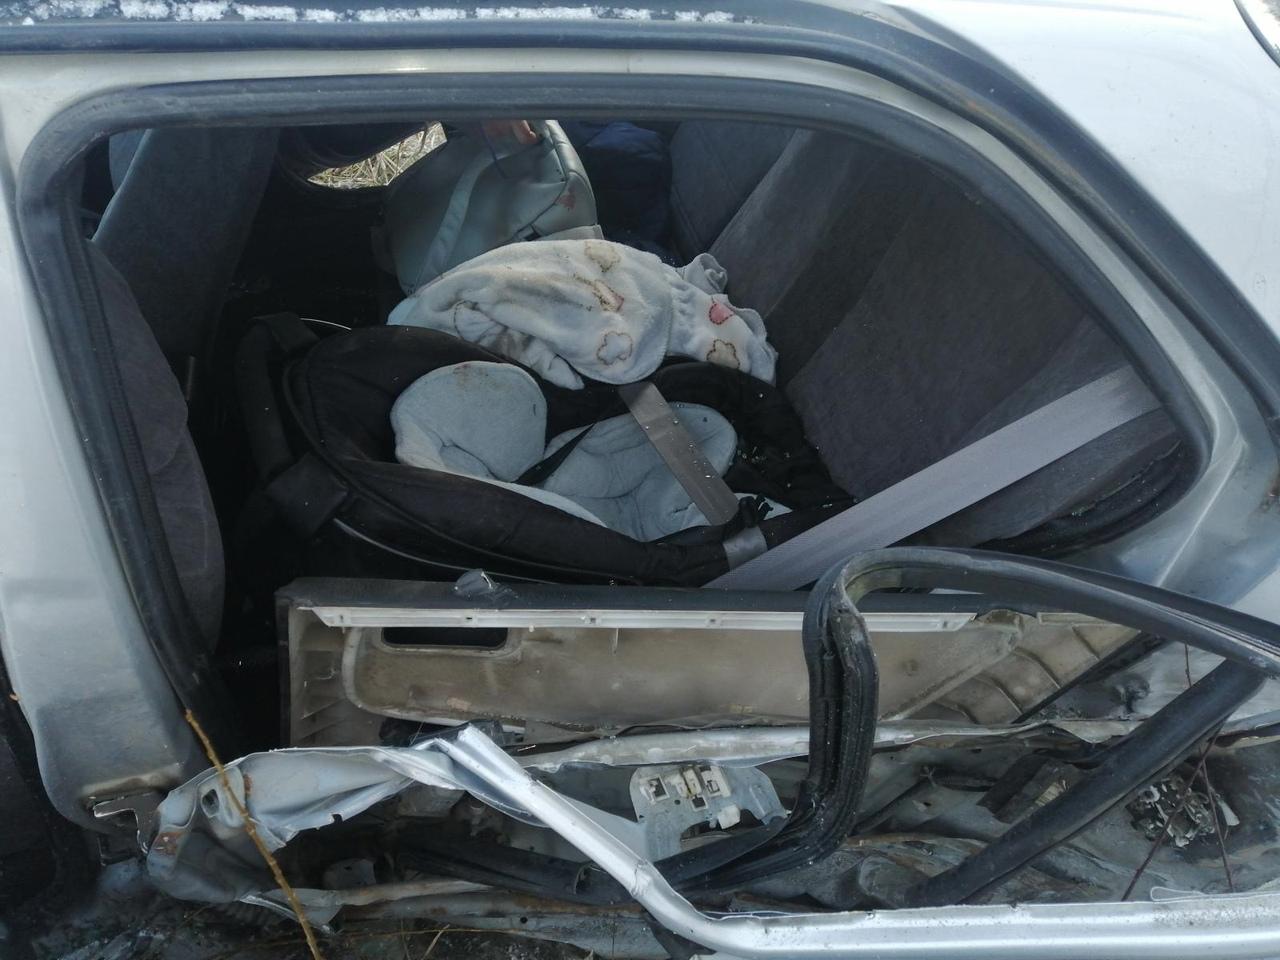 Четыре человека пострадали в аварии на трассе в Тверской области